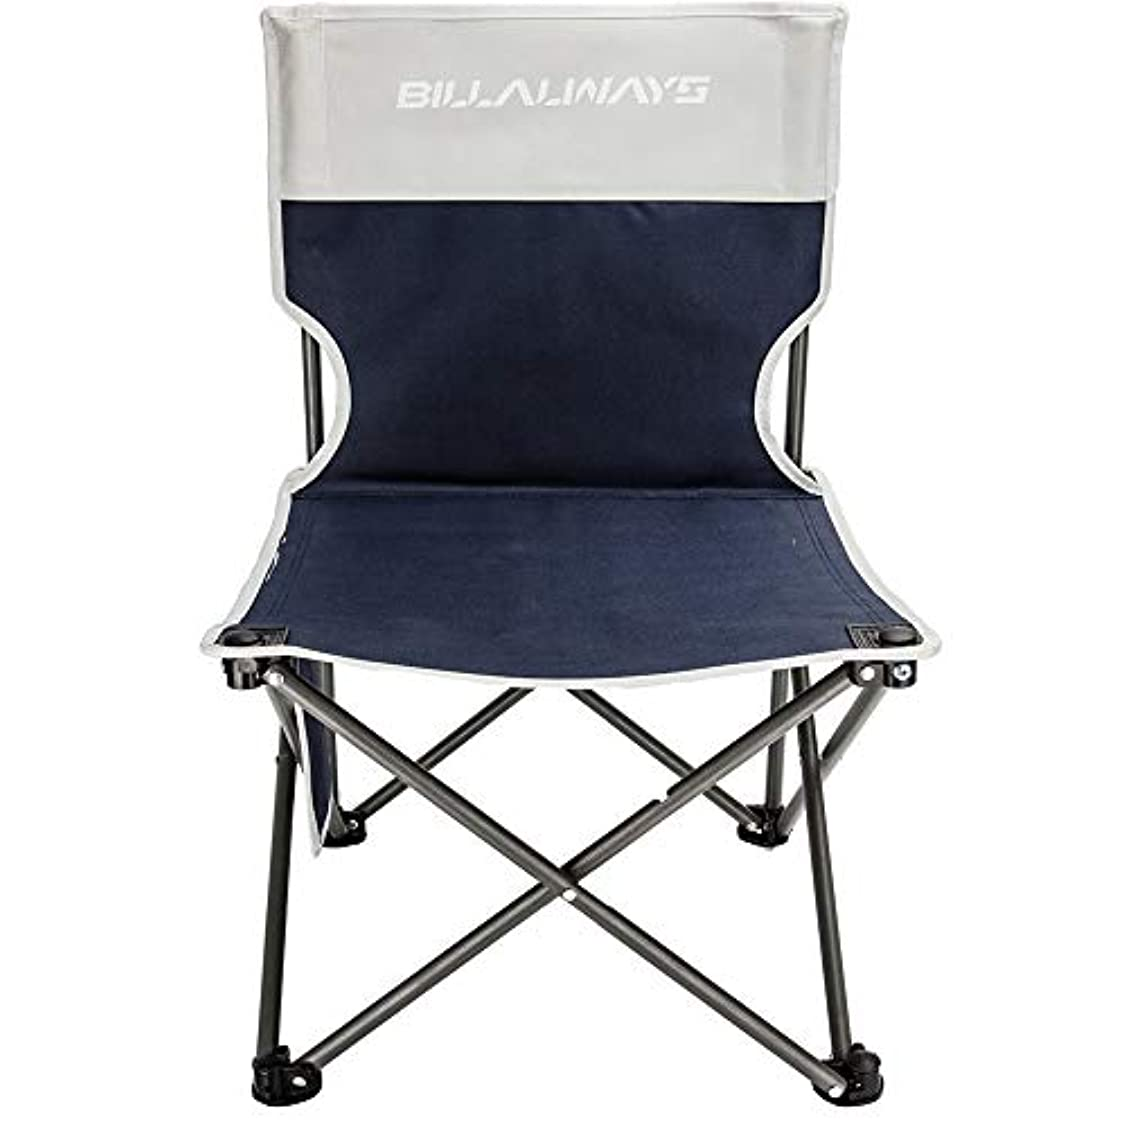 累積広大なアーサーキャンプ用椅子 アウトドアチェア イス 軽量 コンパクト 背もたれ 収納バッグ付 携帯便利 持ち運び可能 折り畳み式 野外 お釣り 登山 遠足 耐荷重150kg 一側収納袋付き